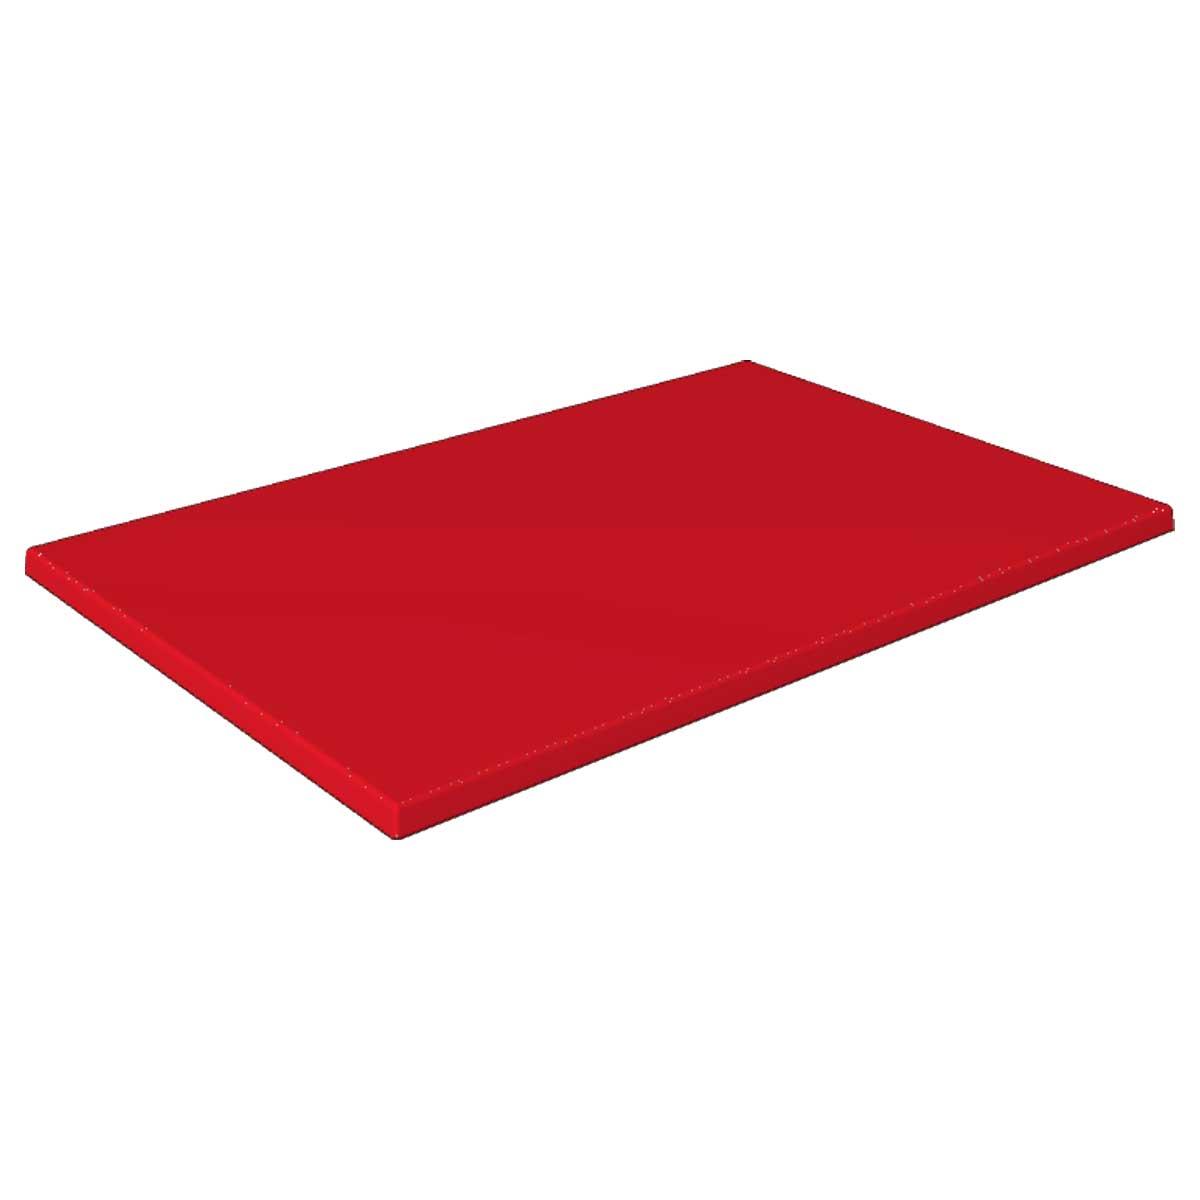 TICLA E120X80 261 - https://www.werzalit.com/fr/produit/plateau-de-table-classic-werzalit-e-70x60-261-kromy-rot/